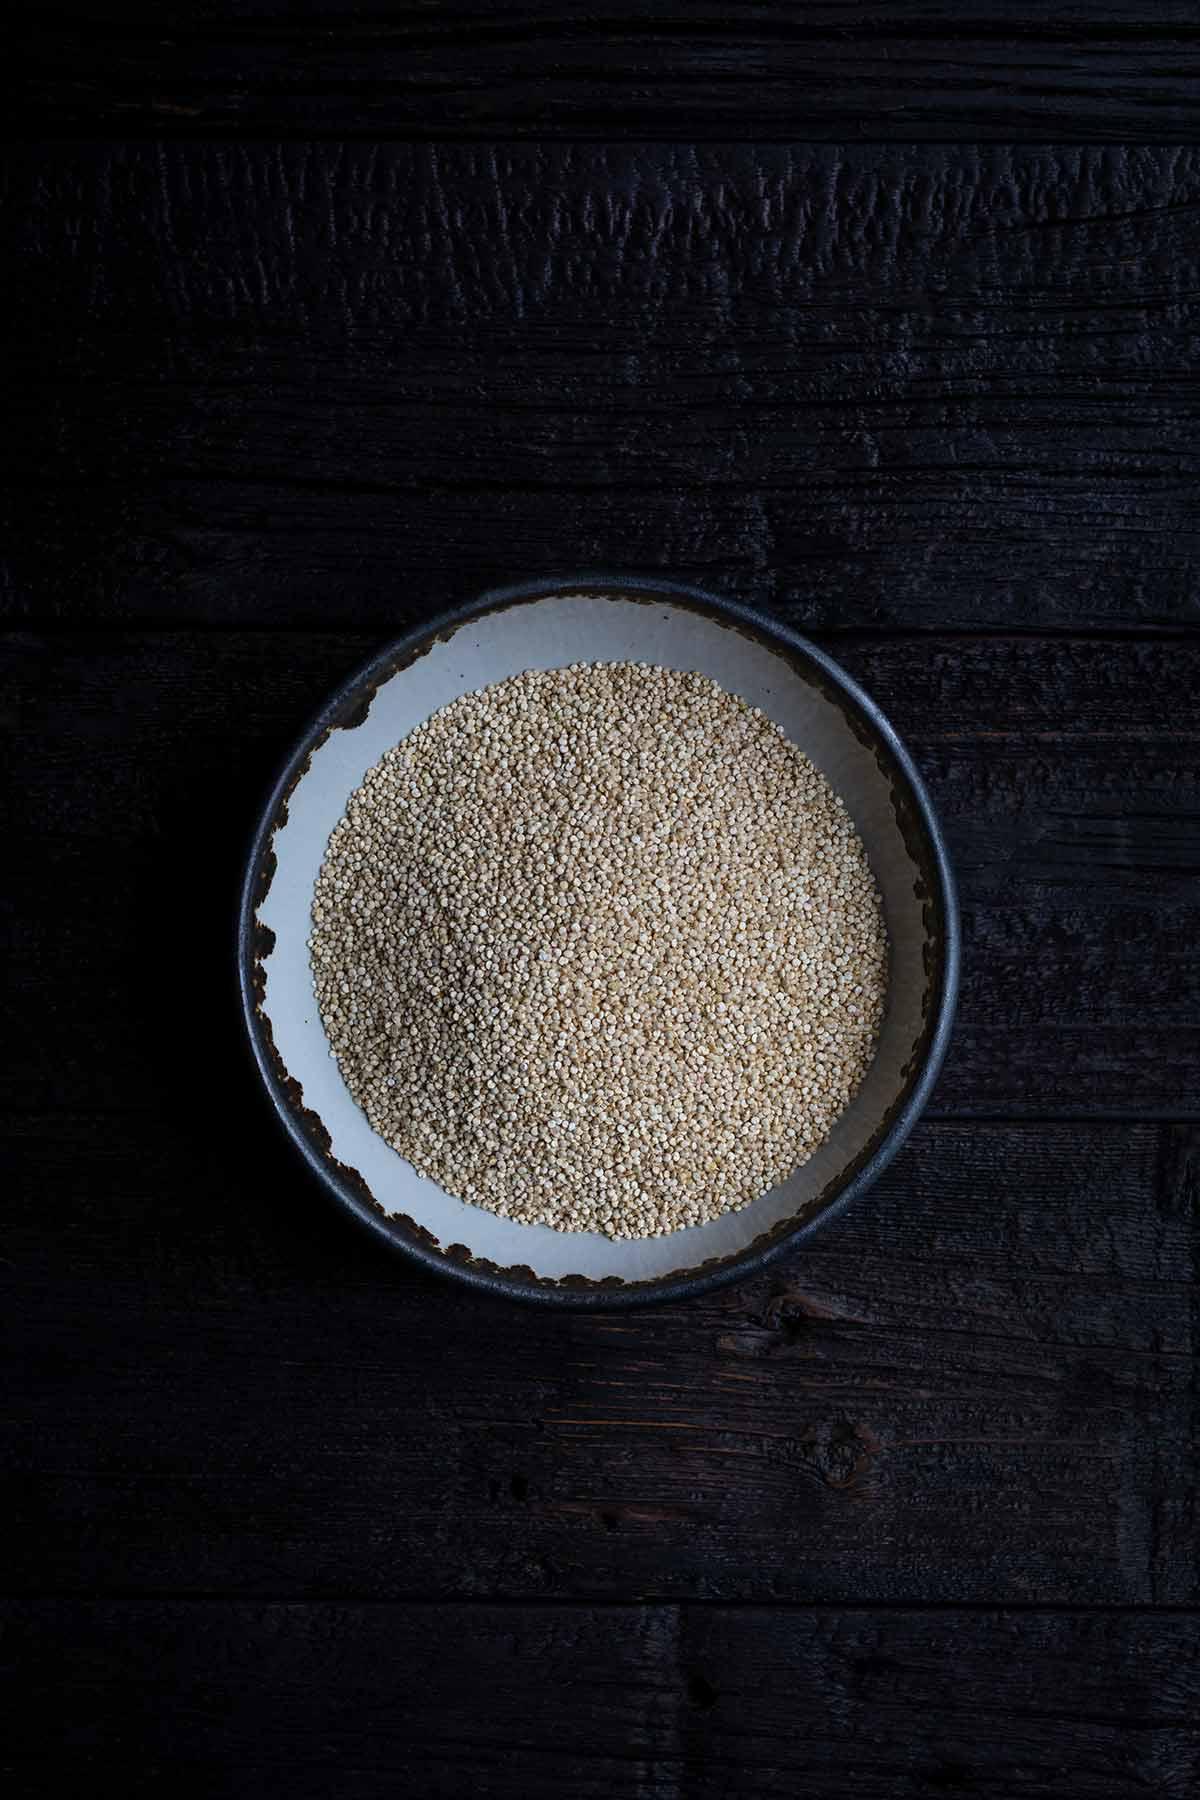 Uncooked white quinoa in a bowl